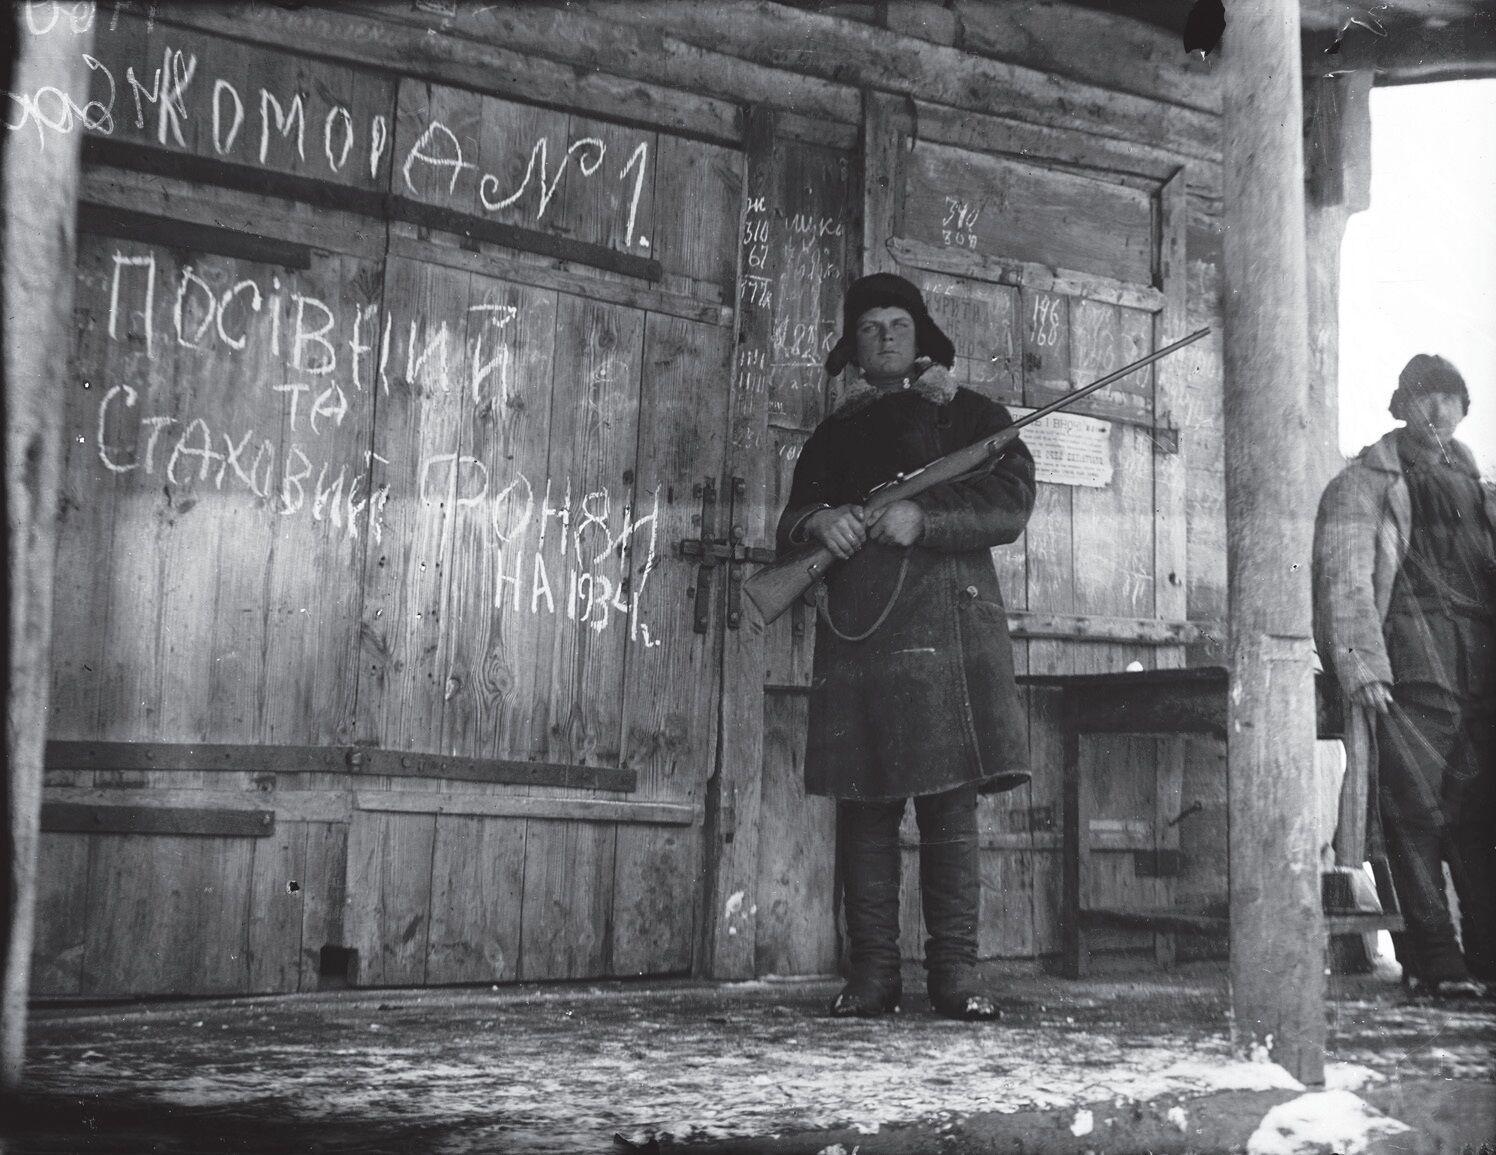 Вооруженный комсомолец охраняет кладовую с хлебом, село Ольшаны, Харьковская область